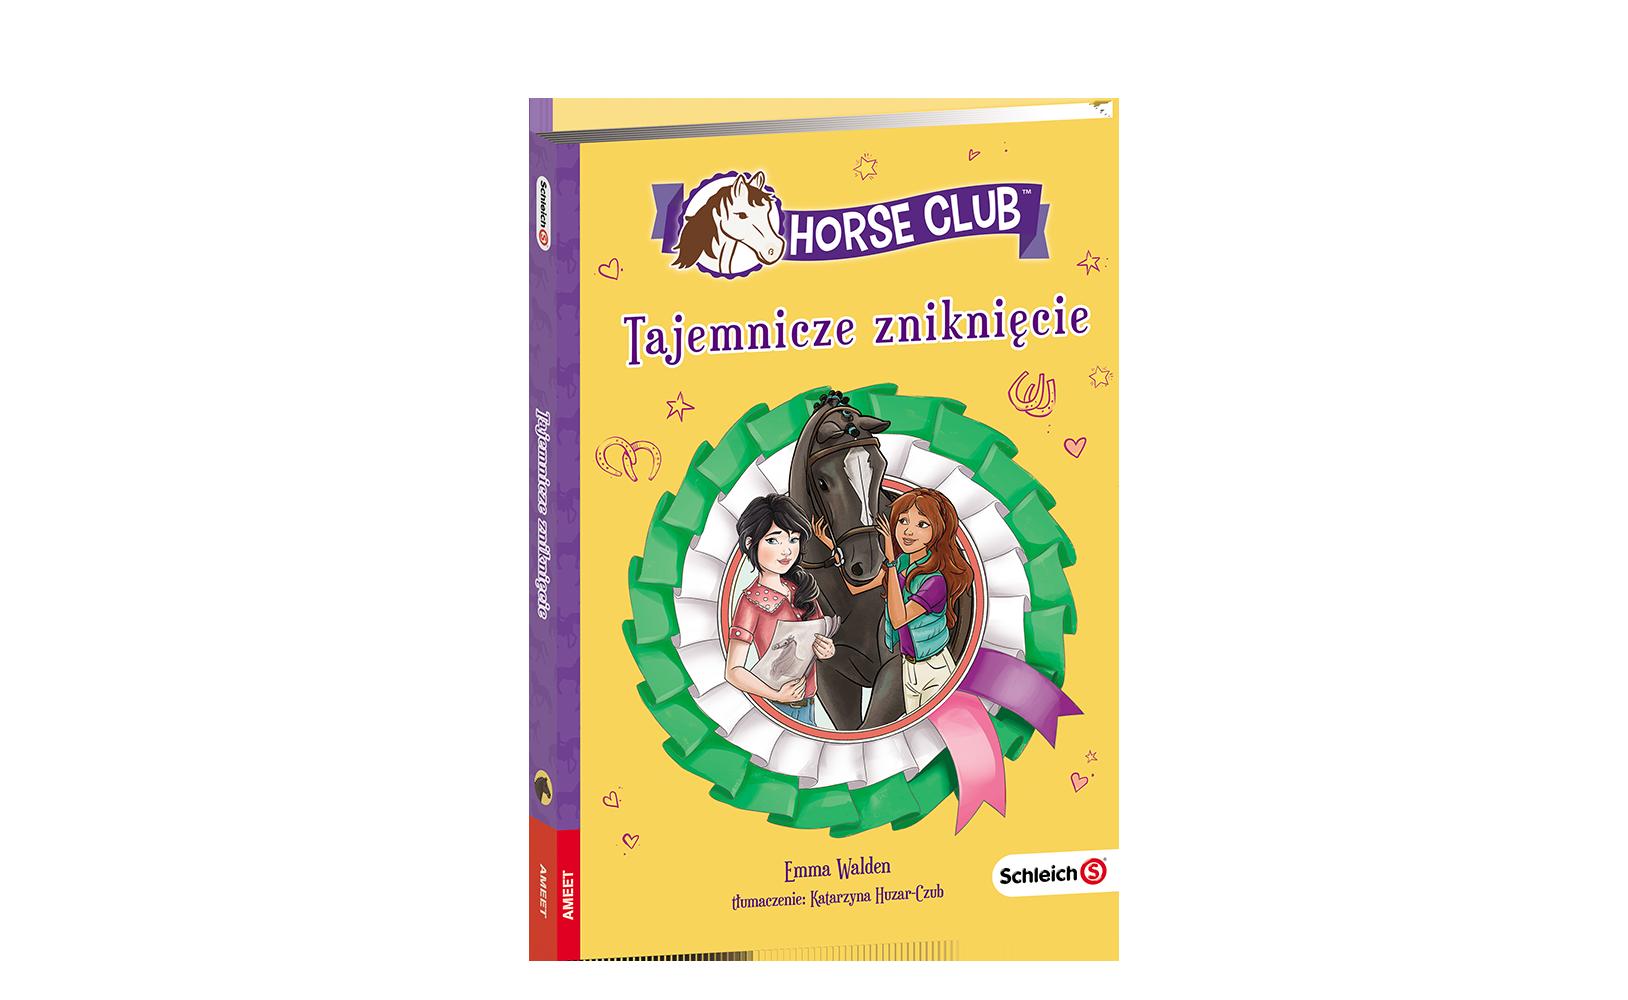 Horse Club. Tajemnicze zniknięcie